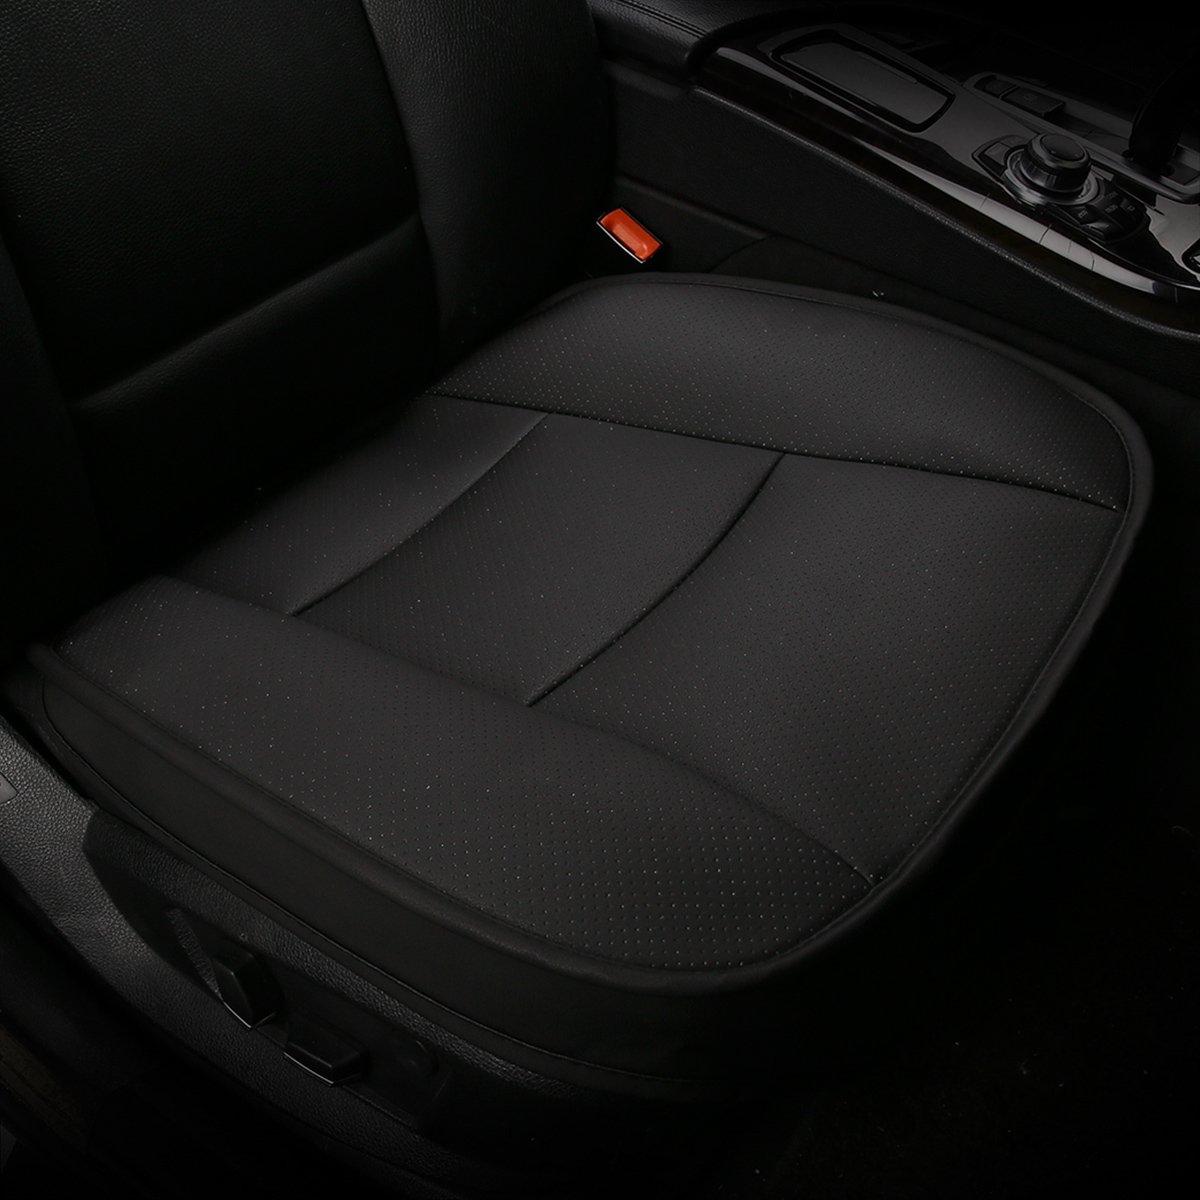 SENSUIT Car Seat Cover, cuoio dell'unità di elaborazione Traspirante Confortevole Seggiolino auto antiscivolo cuscino per quattro stagioni universale (Nero)